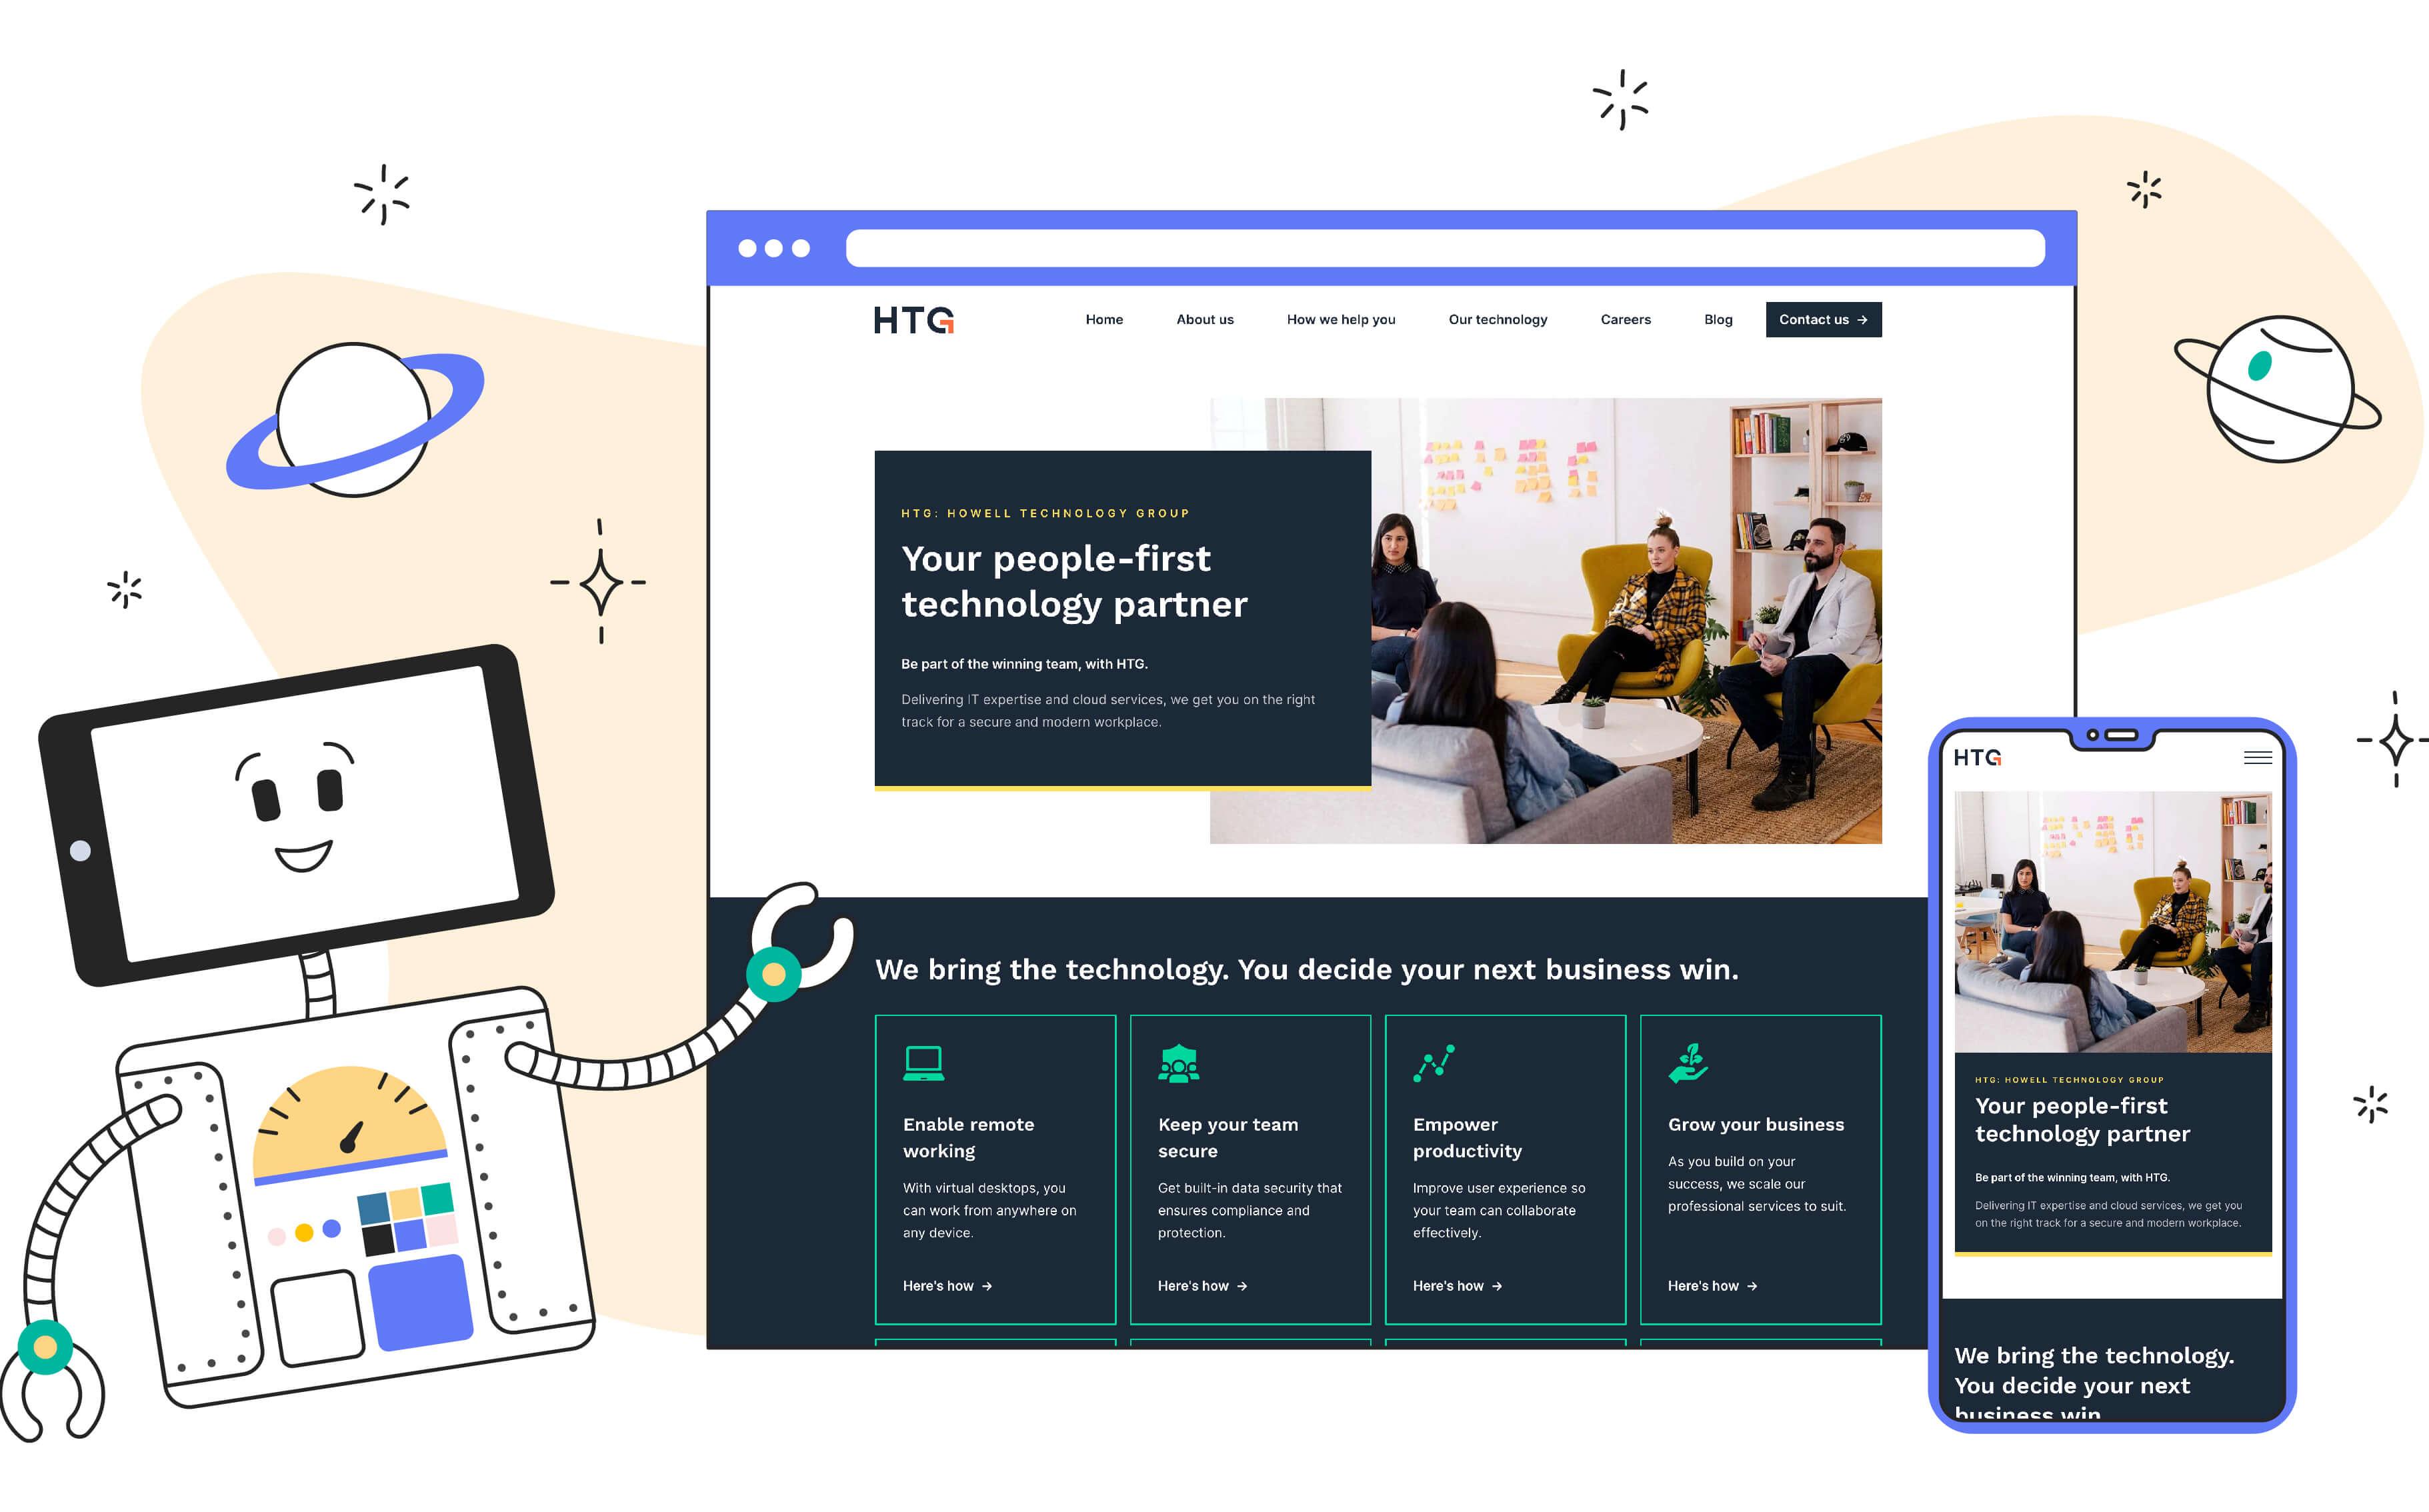 How-Articulate-built-a-winning-HubSpot-website-for-HTG_Testimonial